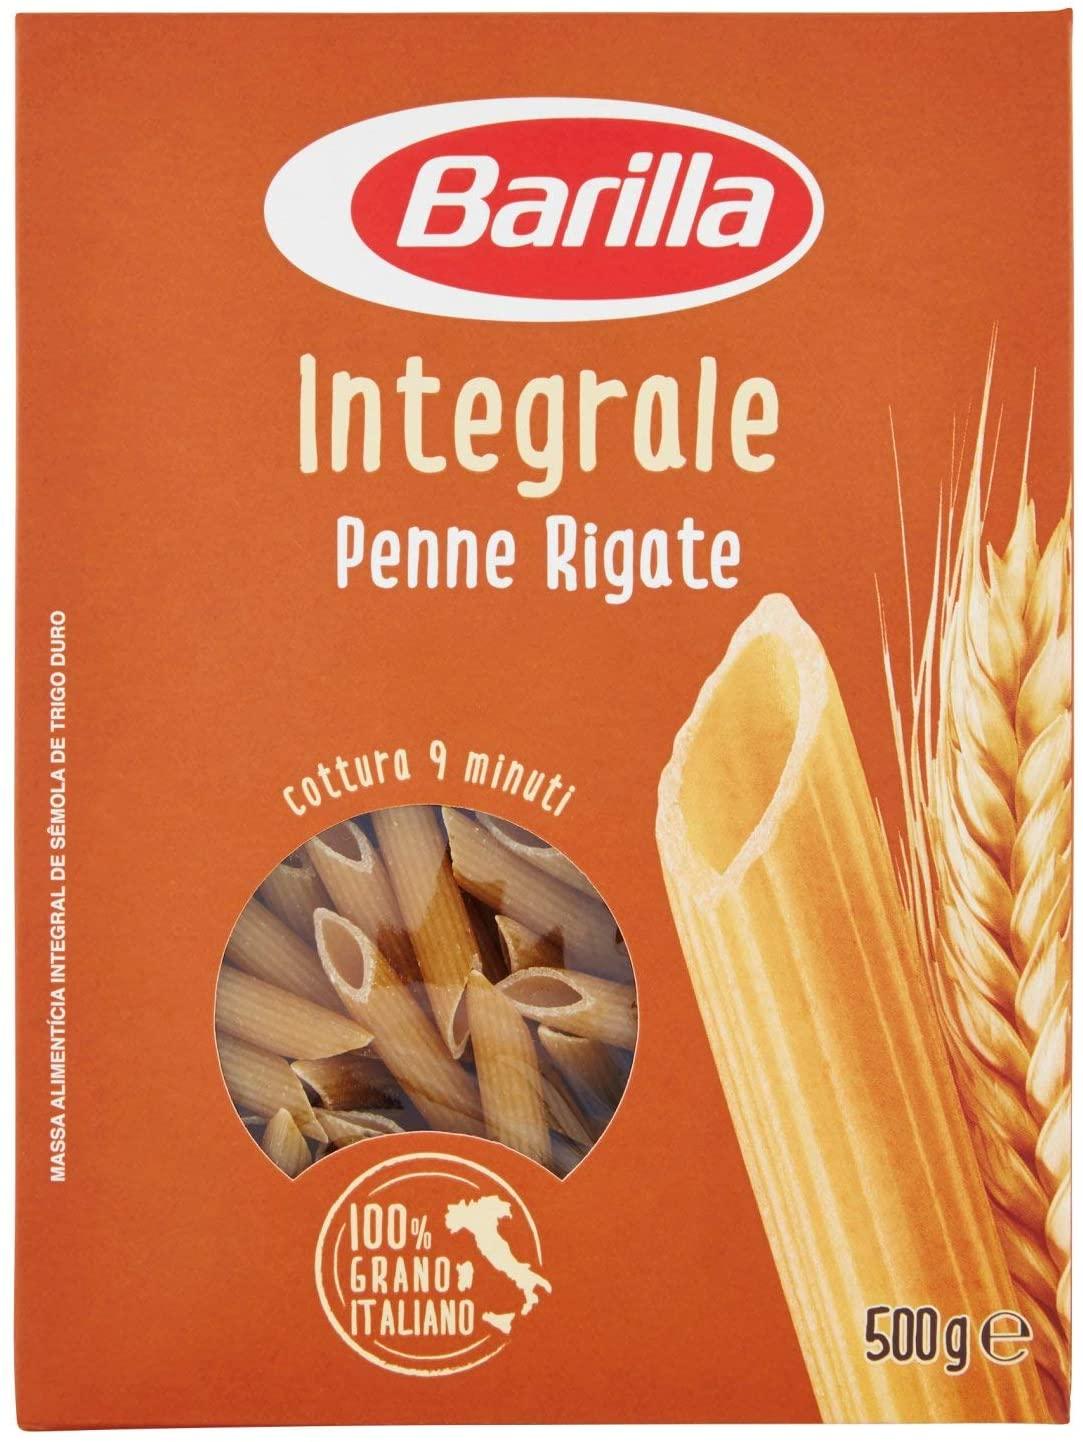 Barilla Penne Rigate Integrali - 500gr